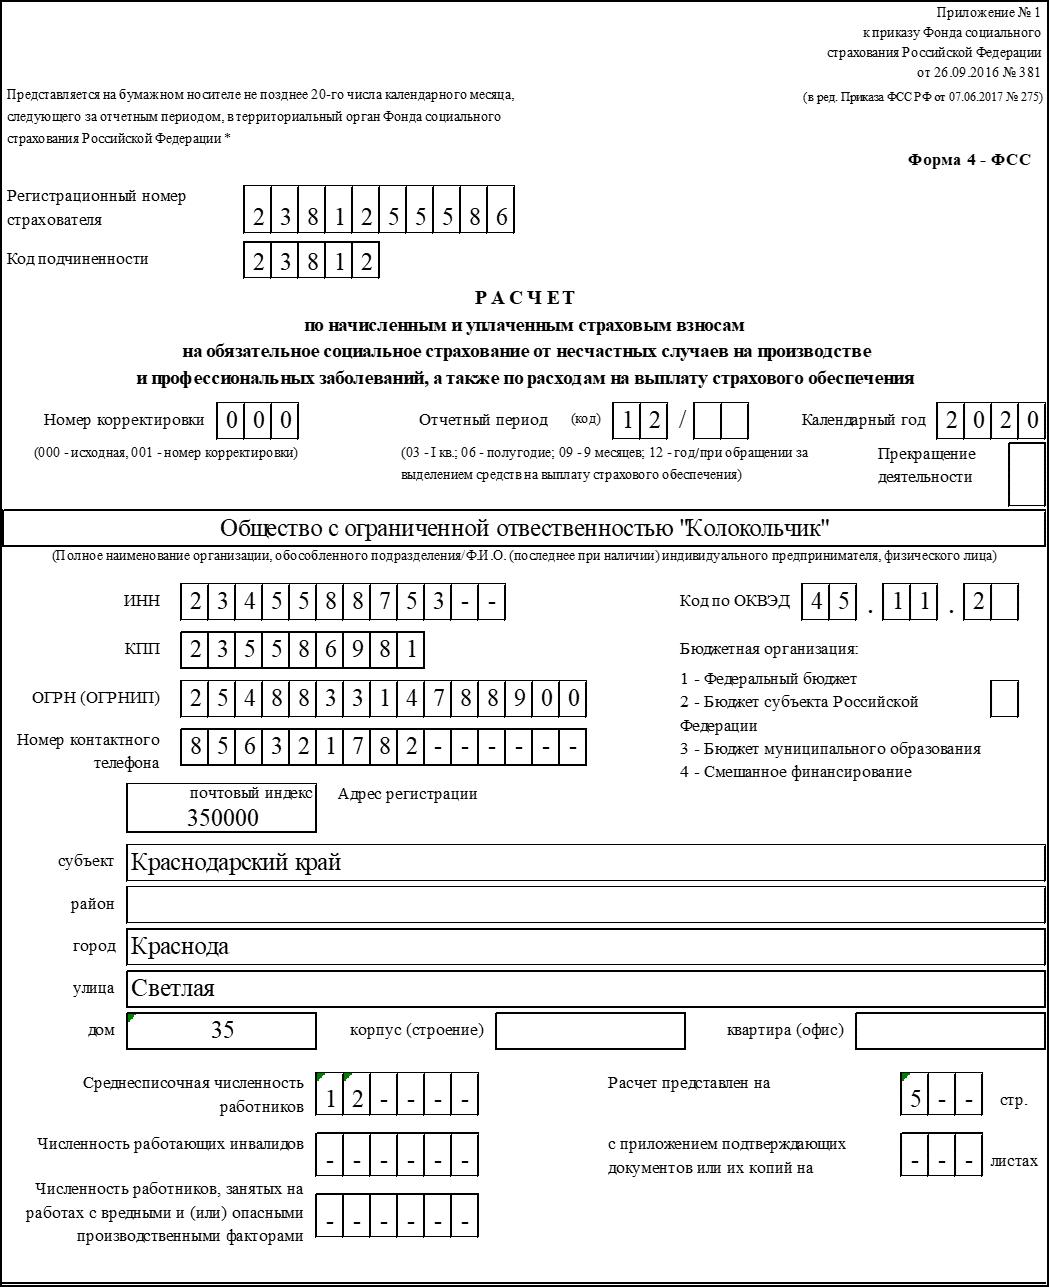 Титульный лист 4-ФСС начало